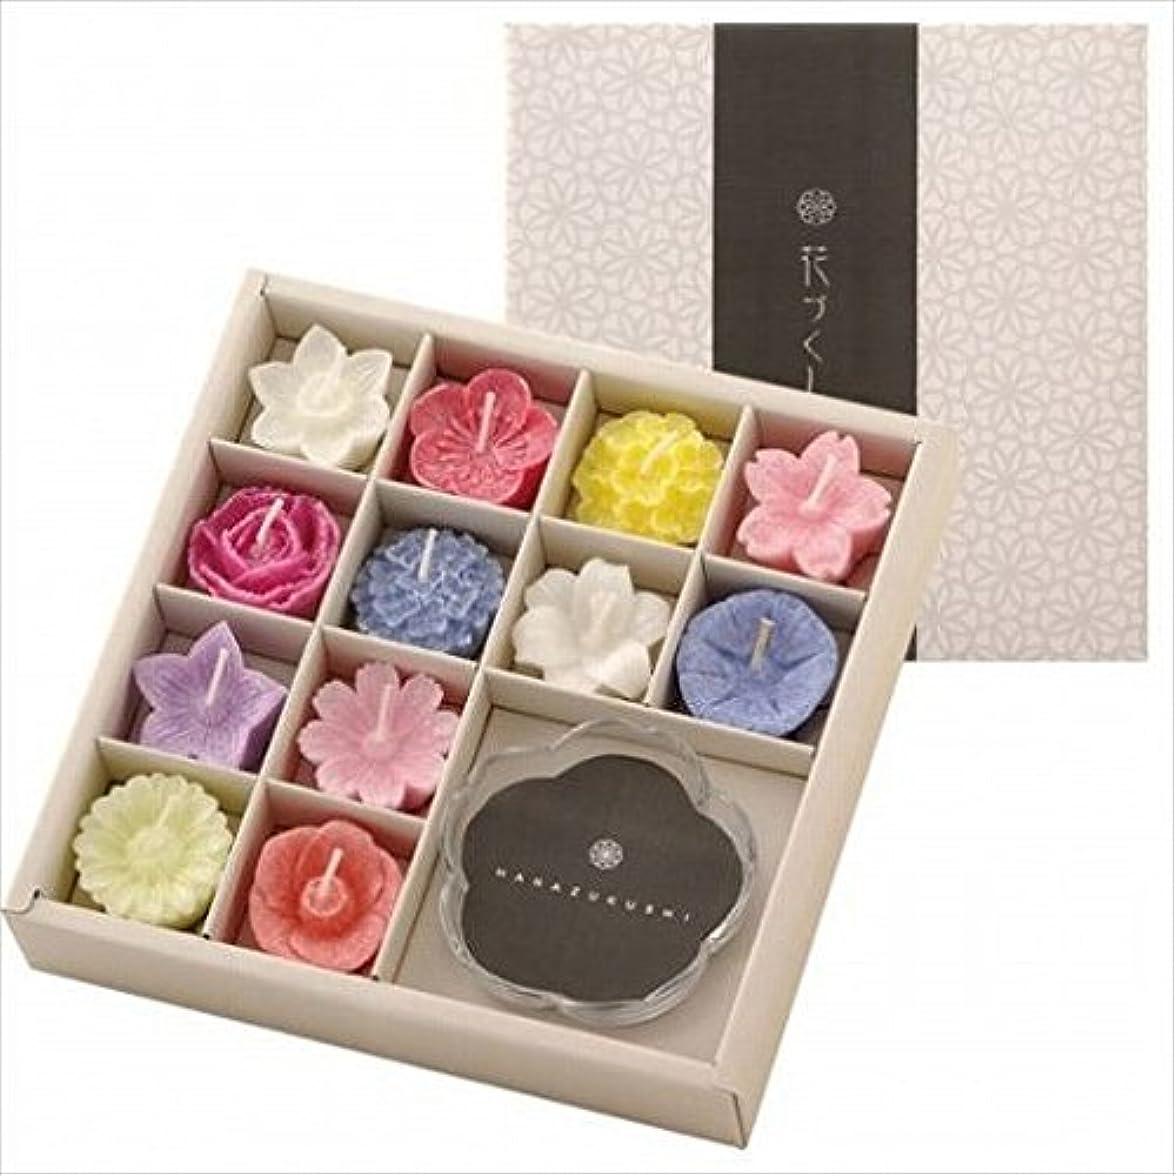 れる導体マウントバンクkameyama candle(カメヤマキャンドル) 花づくしギフトセット(植物性) キャンドル(96200700)